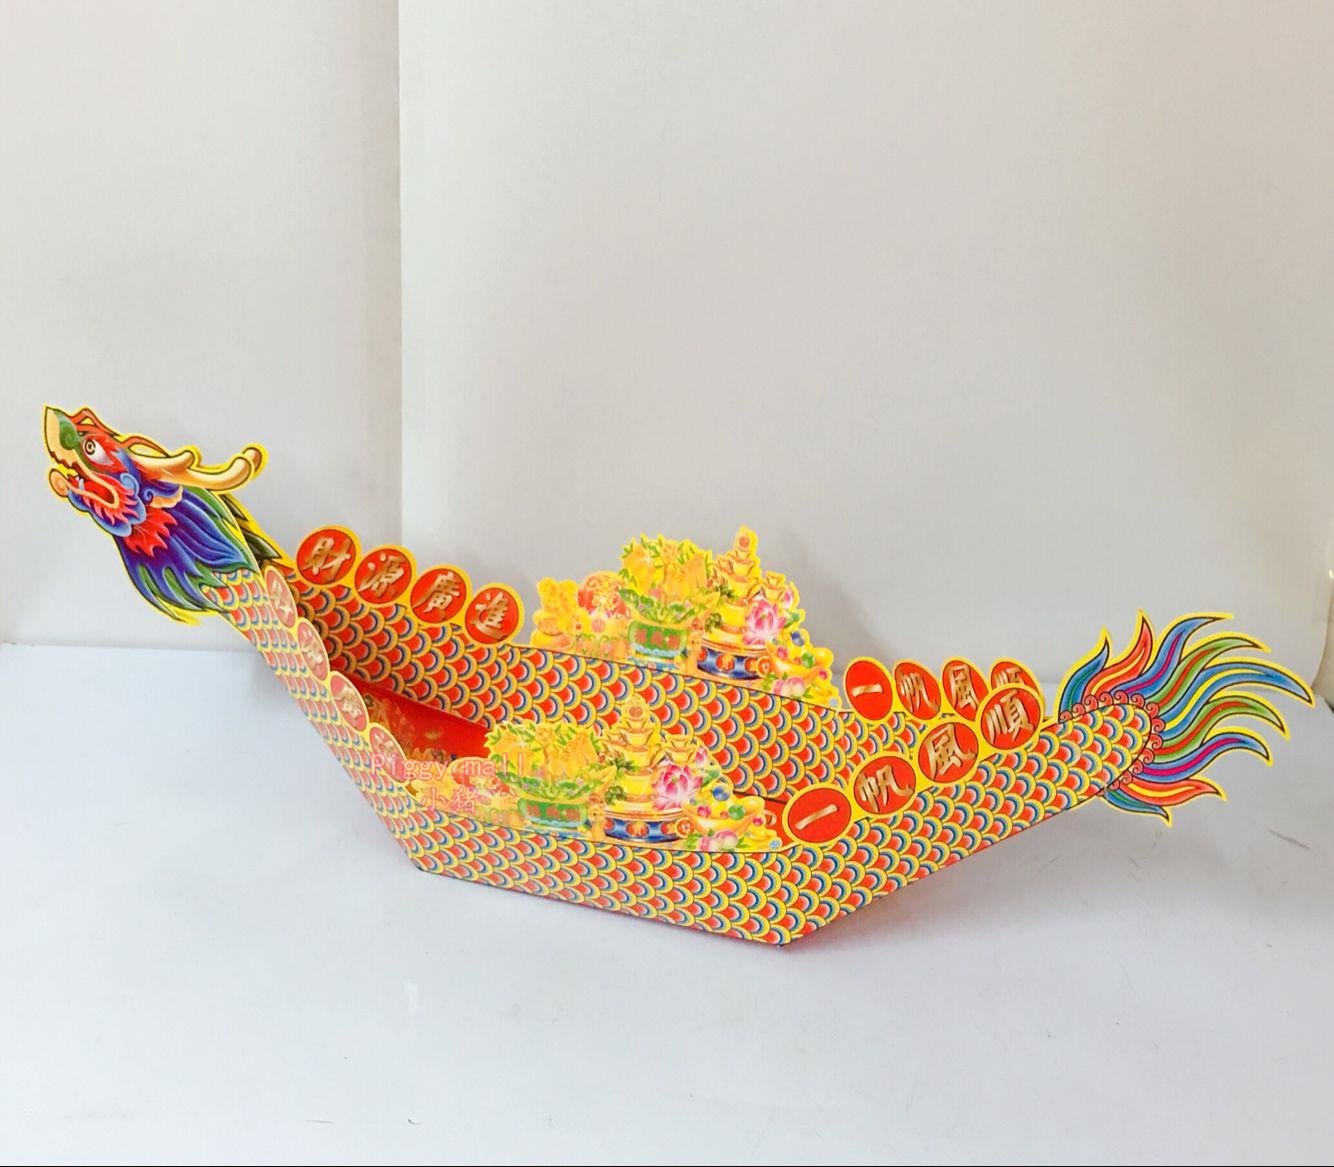 中秋拜月娘 七彩龙船折纸 折塔纸板船 手工DIY 祭祀烧纸满88包邮